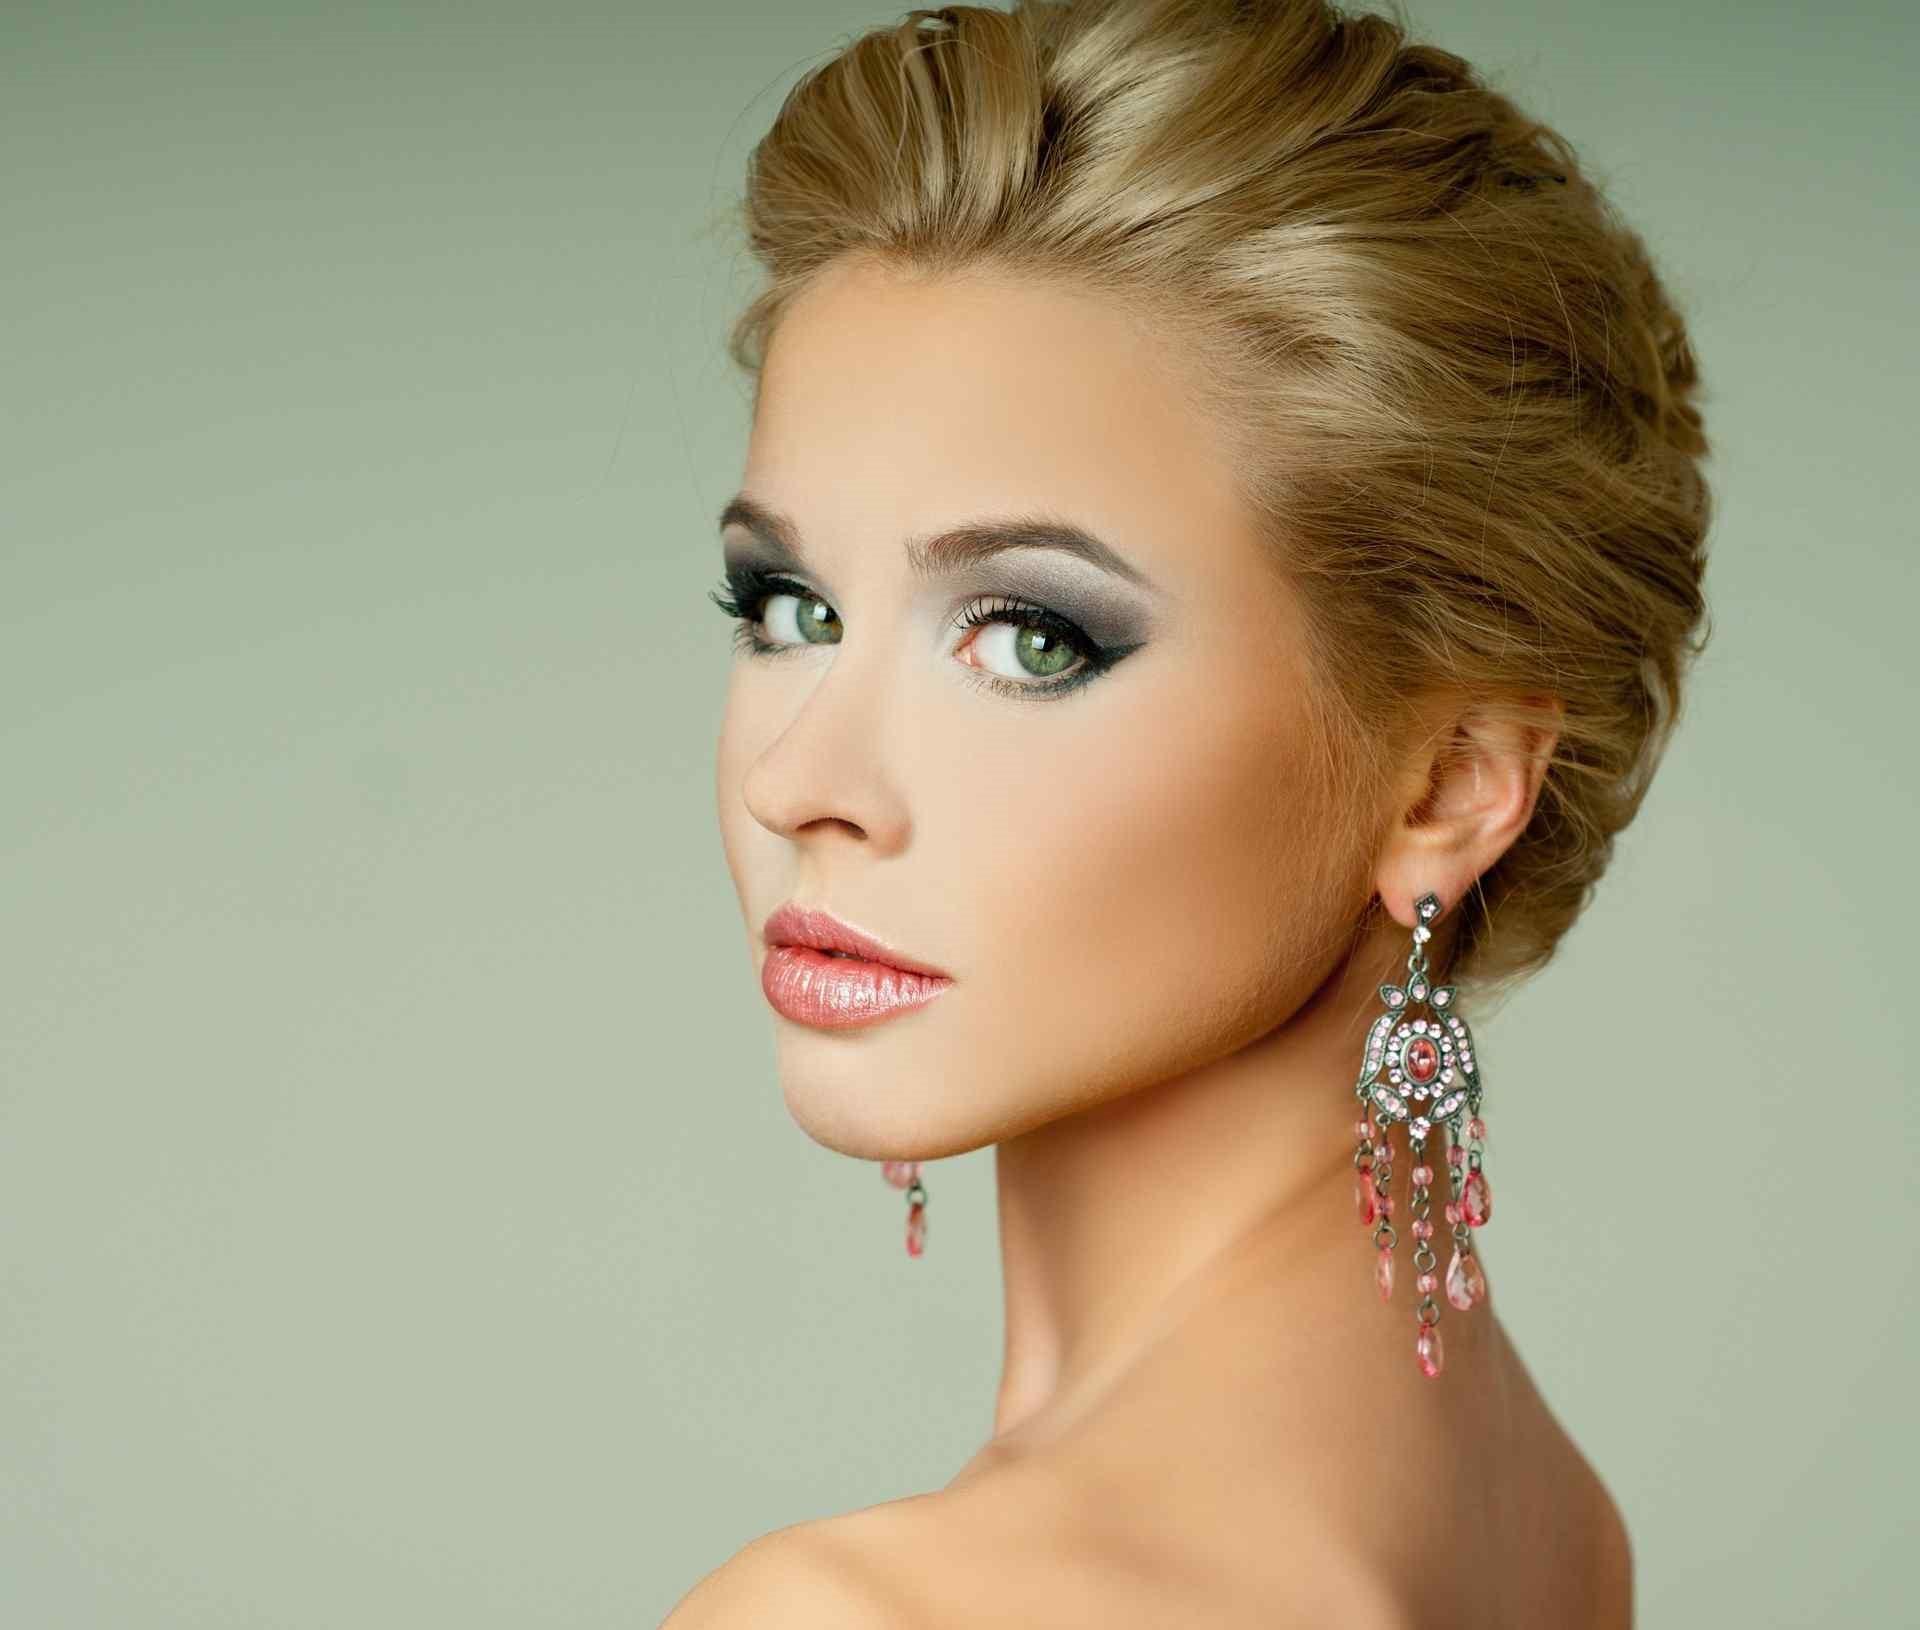 Les yeux sont une partie fondamentale du visage, qui est soulignée le jour du mariage avec un maquillage qui met en valeur la couleur de l'iris.